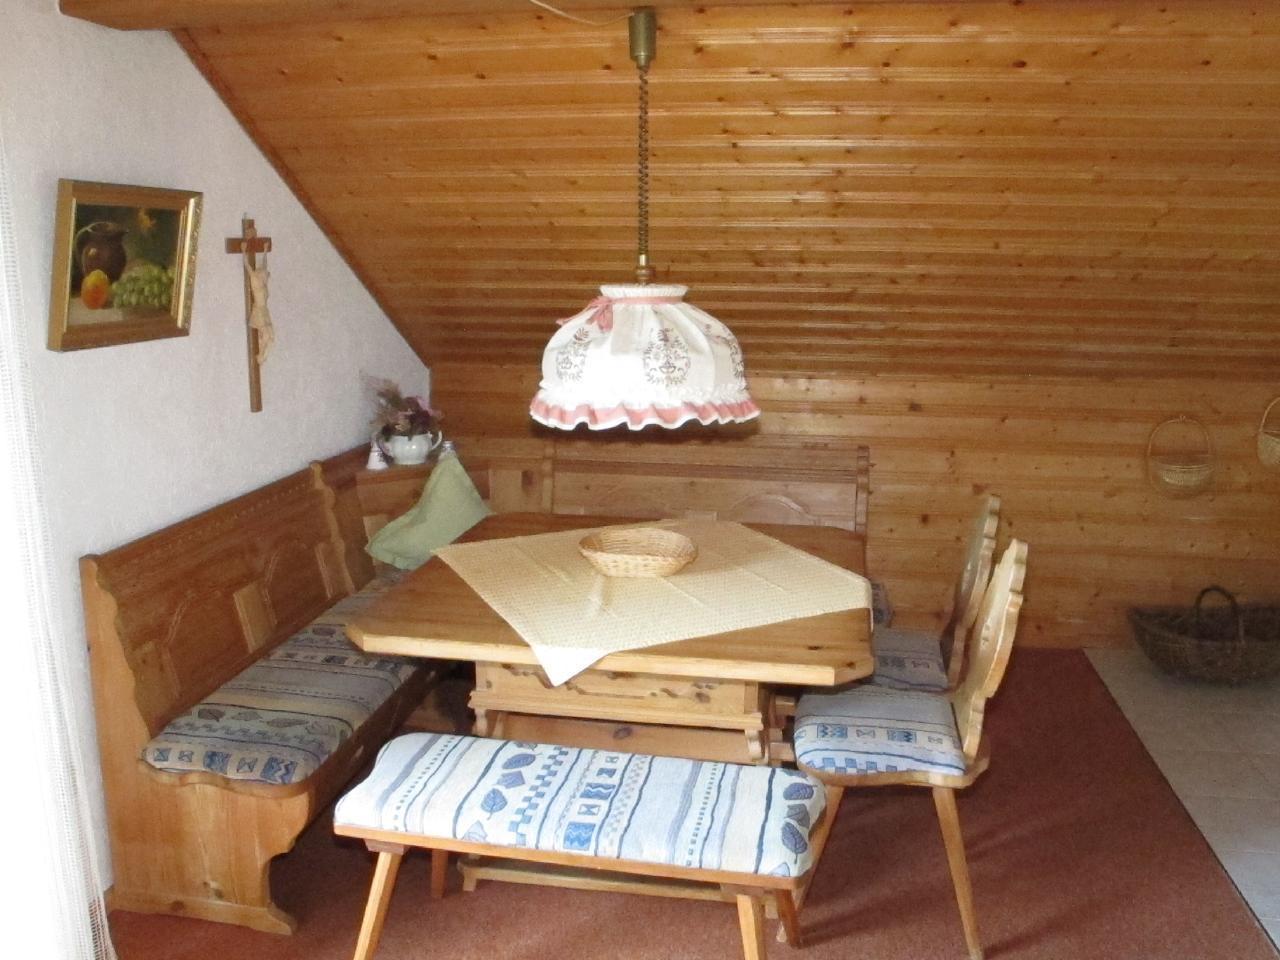 Ferienwohnung Haus Haidweg Wohnung 5 - 3 Zimmer, ca. 90 m² für 2-6 Personen im Dachgeschoss mit Balkon u (238755), Haidmühle, Bayerischer Wald, Bayern, Deutschland, Bild 2